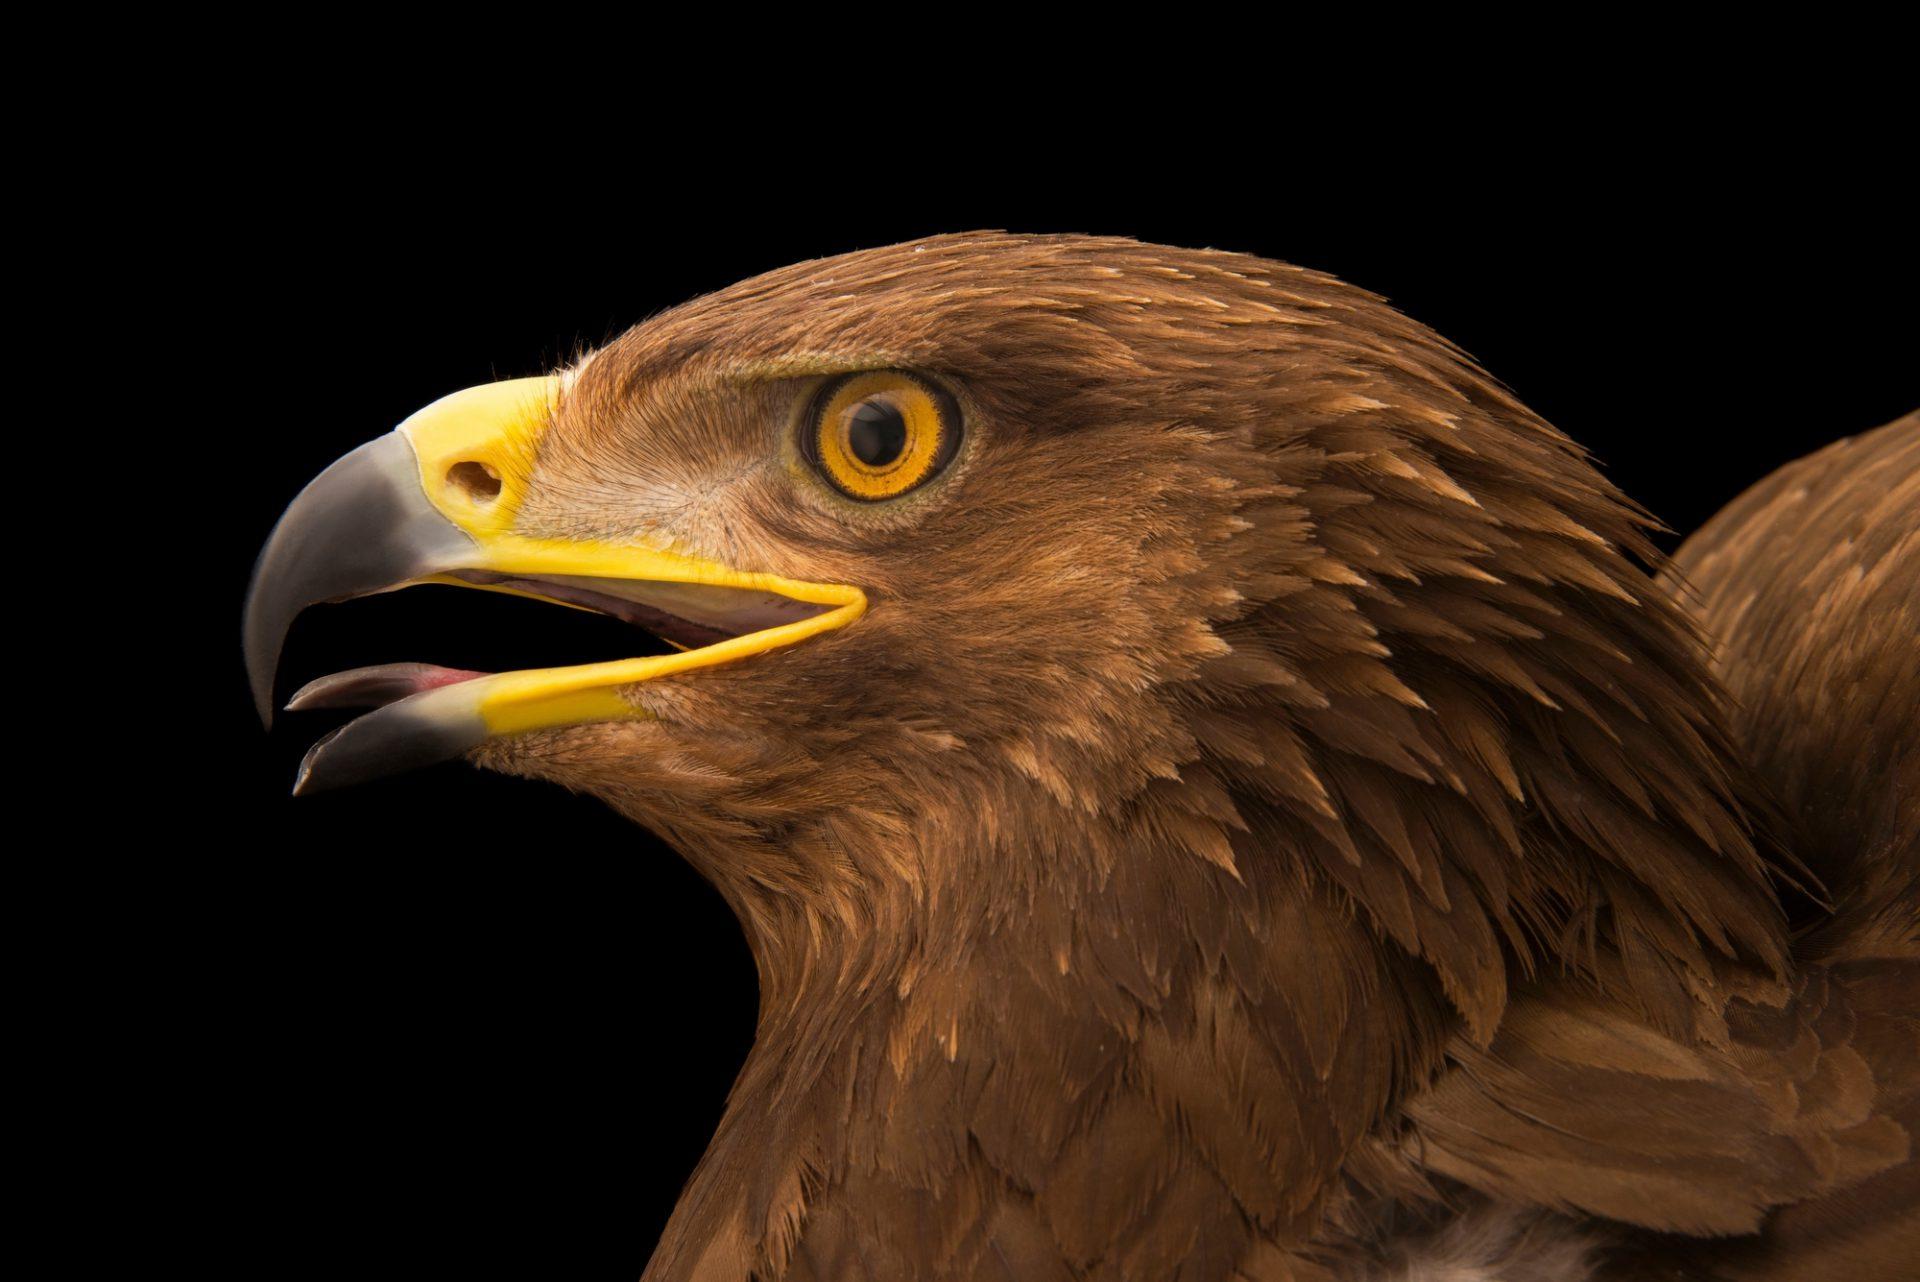 Photo: A lesser spotted eagle (Aquila pomarina) at Sia, the Comanche Nation Ethno-Ornithological Initiative.